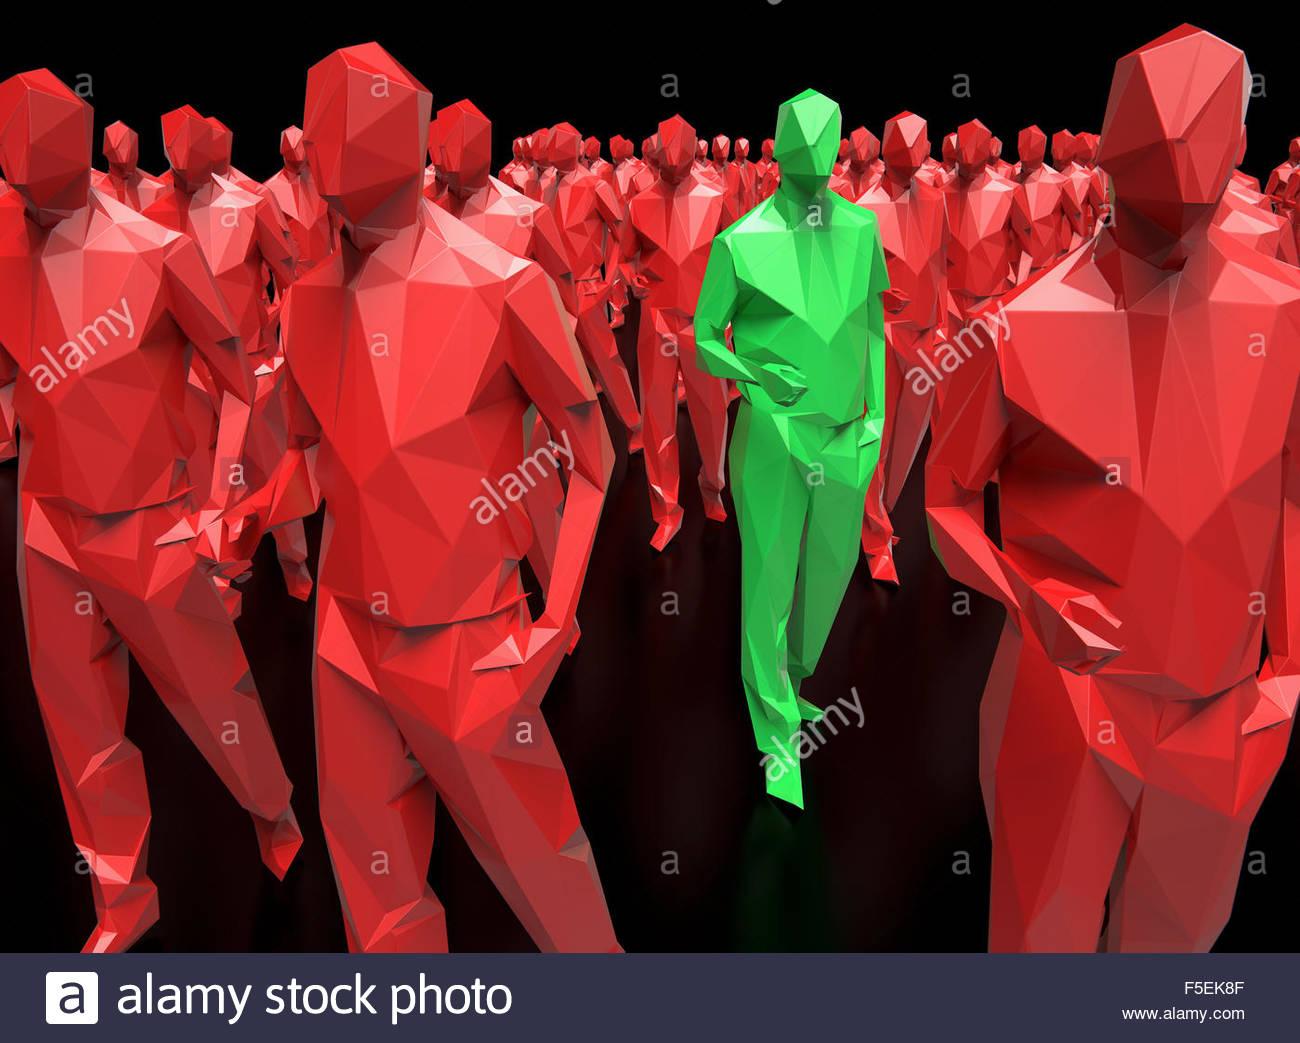 Homme debout en plastique vert de la foule des hommes rouges identiques Photo Stock